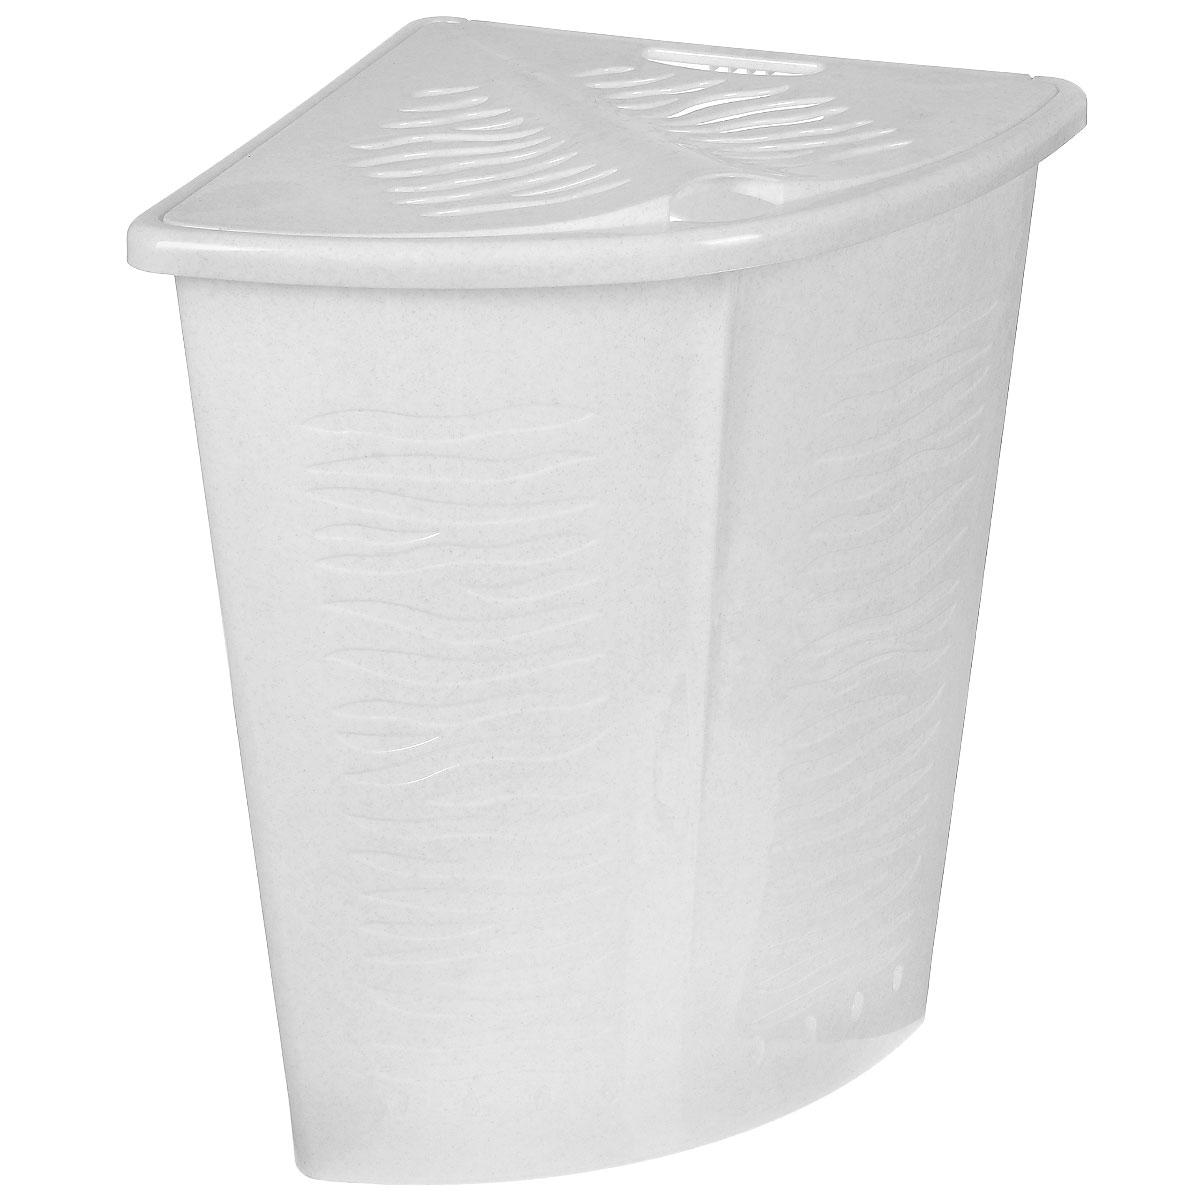 Корзина для белья BranQ Зебра, угловая, цвет: белый, 40 л12723Корзина для белья BranQ Зебра изготовлена из прочного пластика. Корзина пропускает воздух, устойчива к перепадам температур и влажности, поэтому идеально подходит для ванной комнаты. Изделие оснащено выемкой под руку и крышкой. Можно использовать для хранения белья, детских игрушек, домашней обуви и прочих бытовых вещей. Элегантный дизайн подойдет к интерьеру любой ванной.